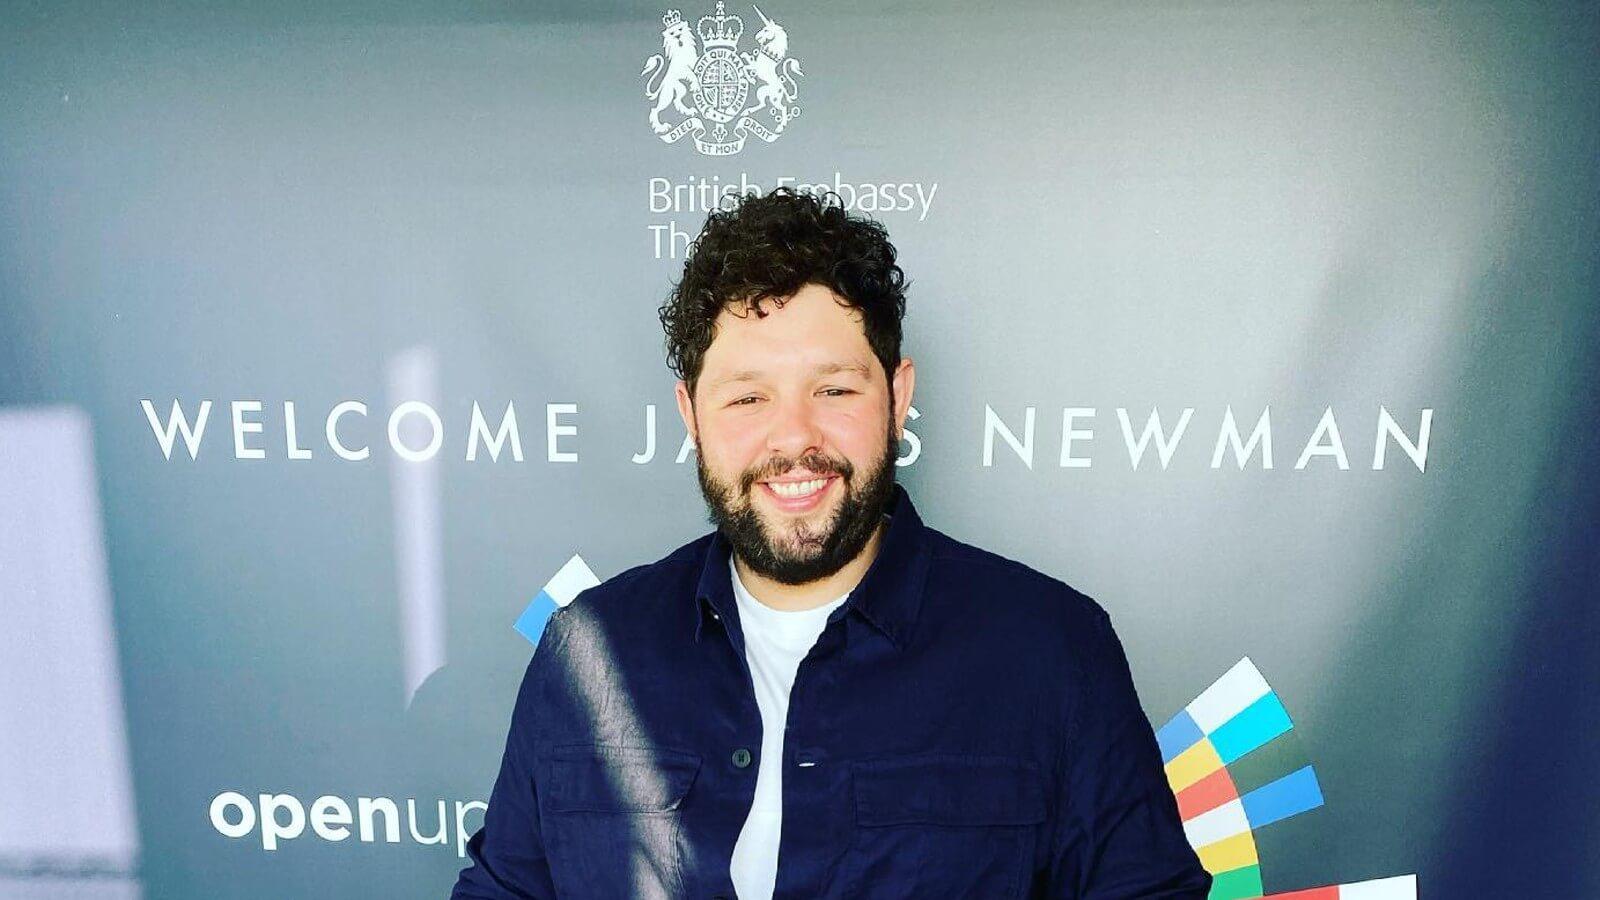 Eurovision, le label inglesi chiedono alla BBC di boicottarlo